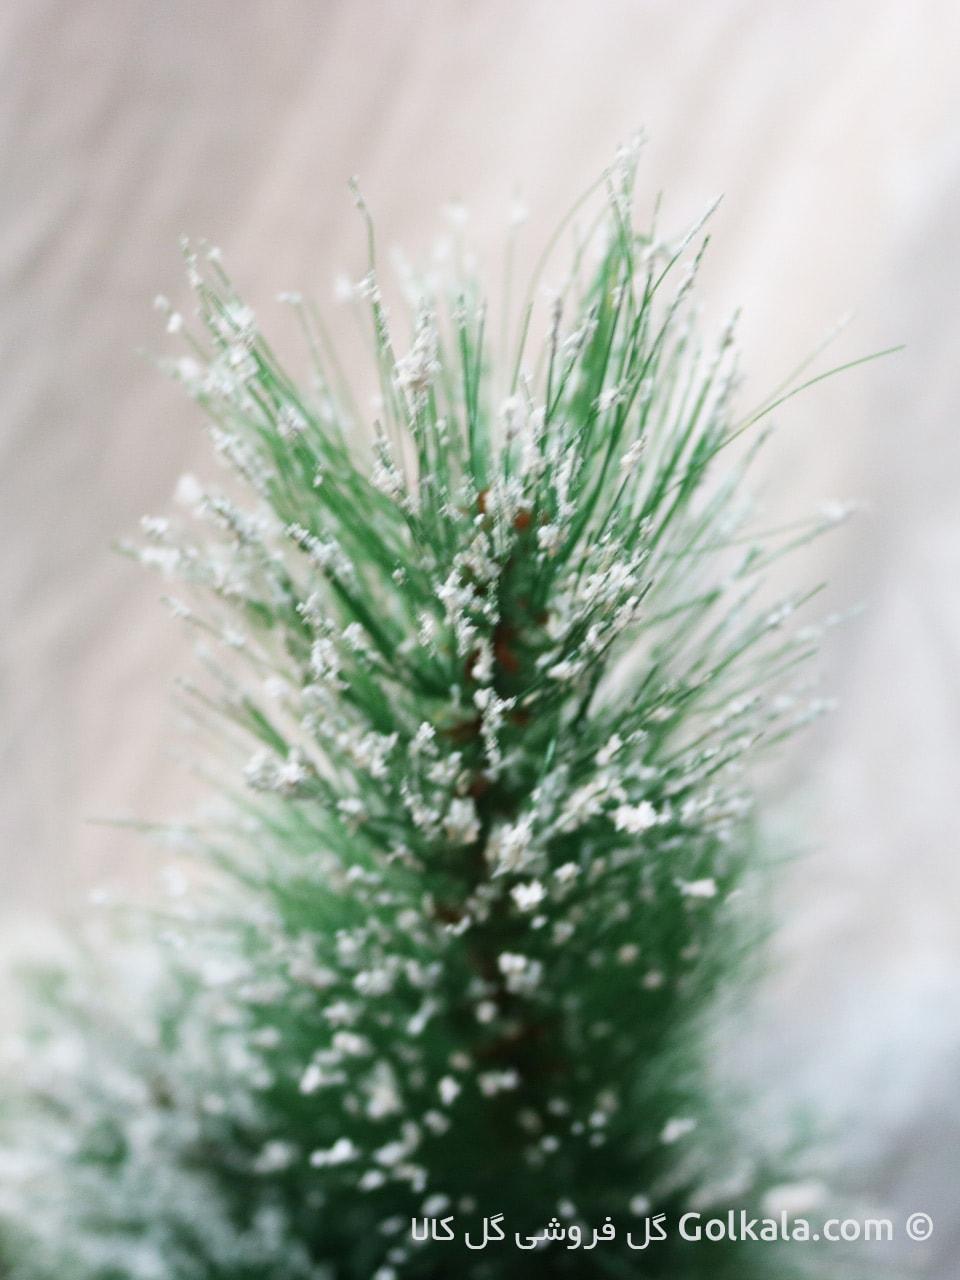 تصویر درختچه کاج برفی کوچک